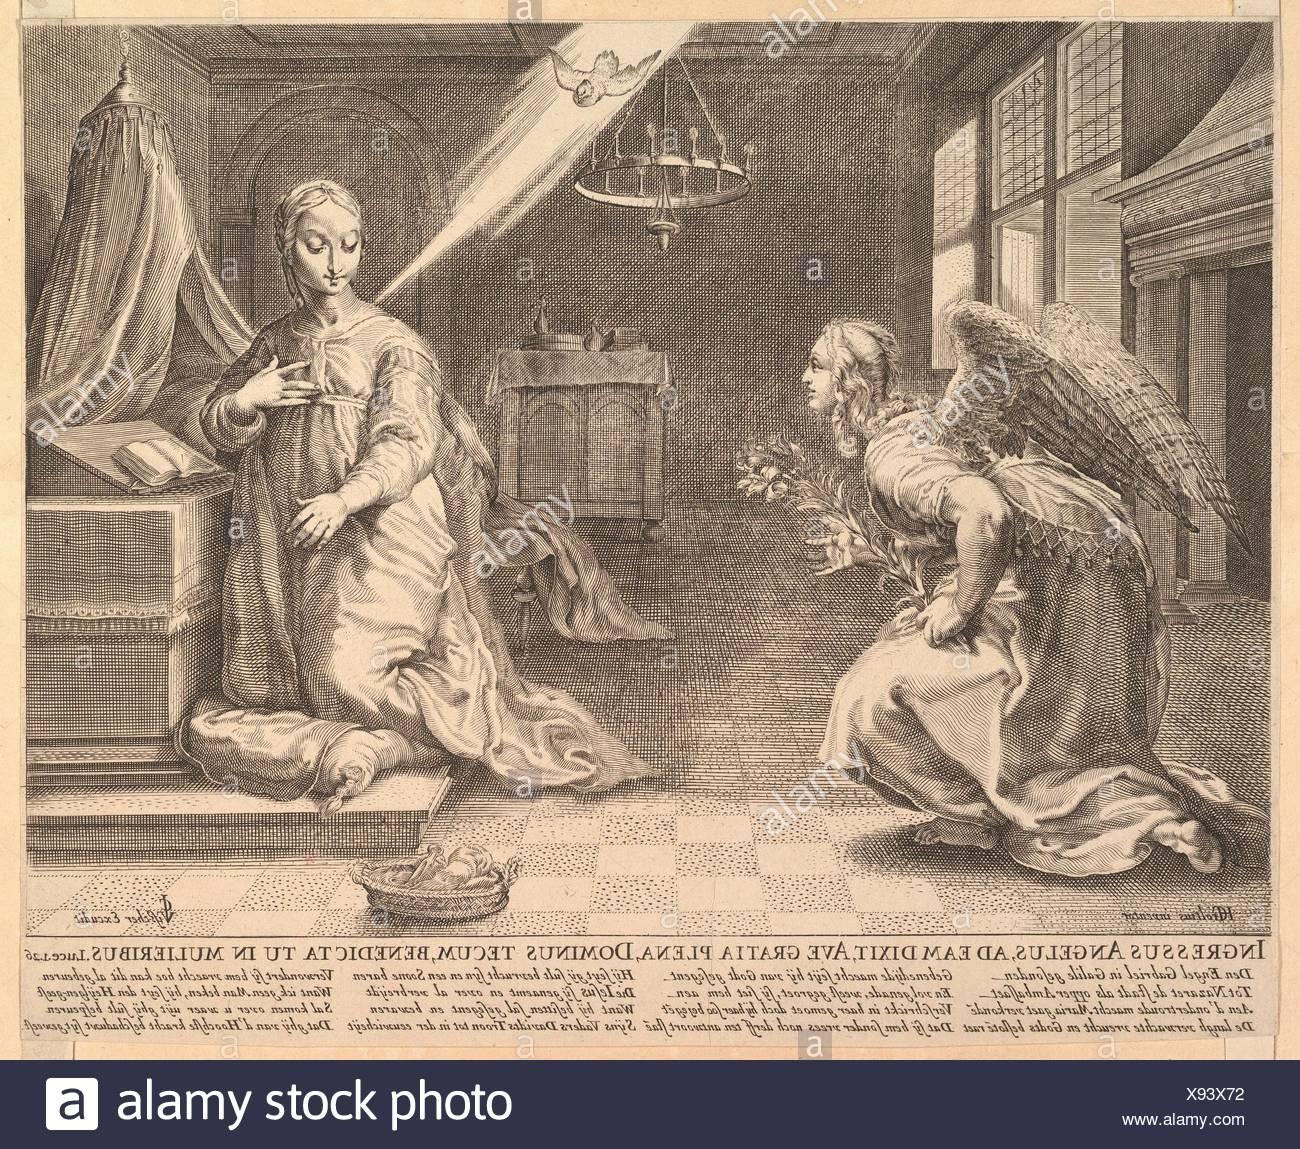 Artist: After Hendrick Goltzius (Netherlandish, Mühlbracht 1558-1617 Haarlem